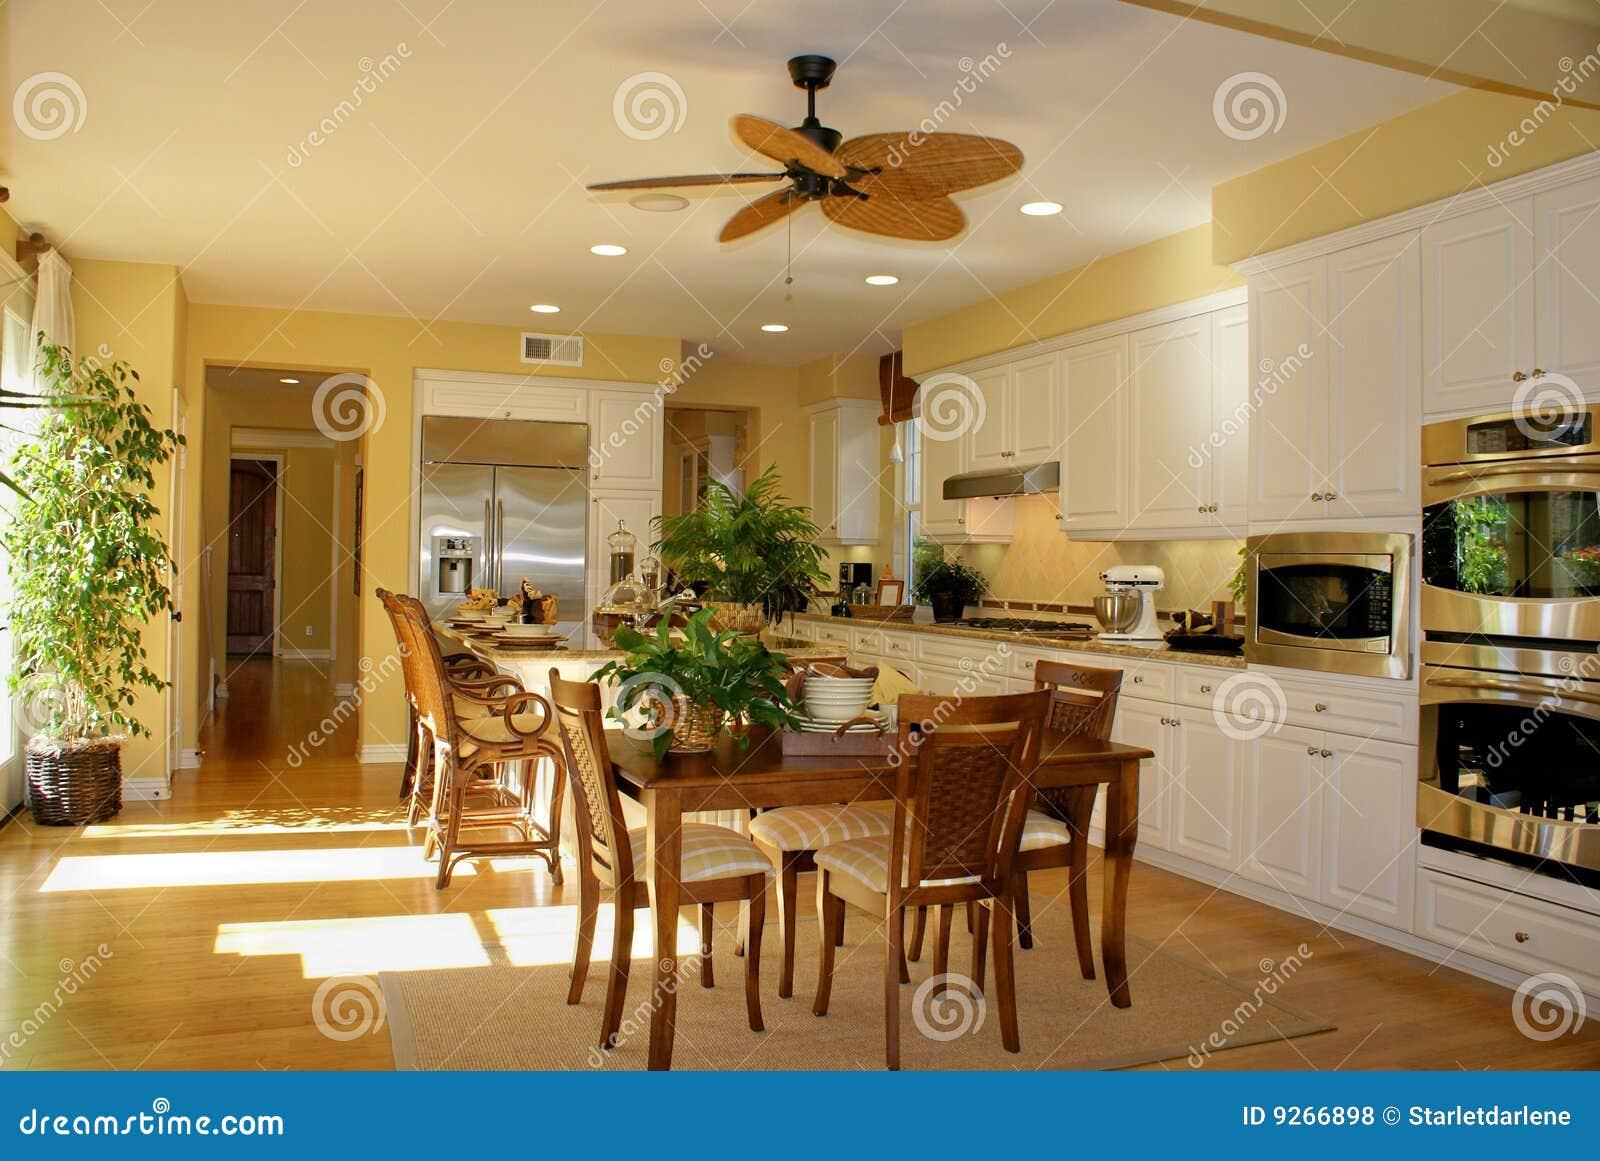 Colore Parete Gialla : Colore giallo pieno di sole della cucina fotografia stock